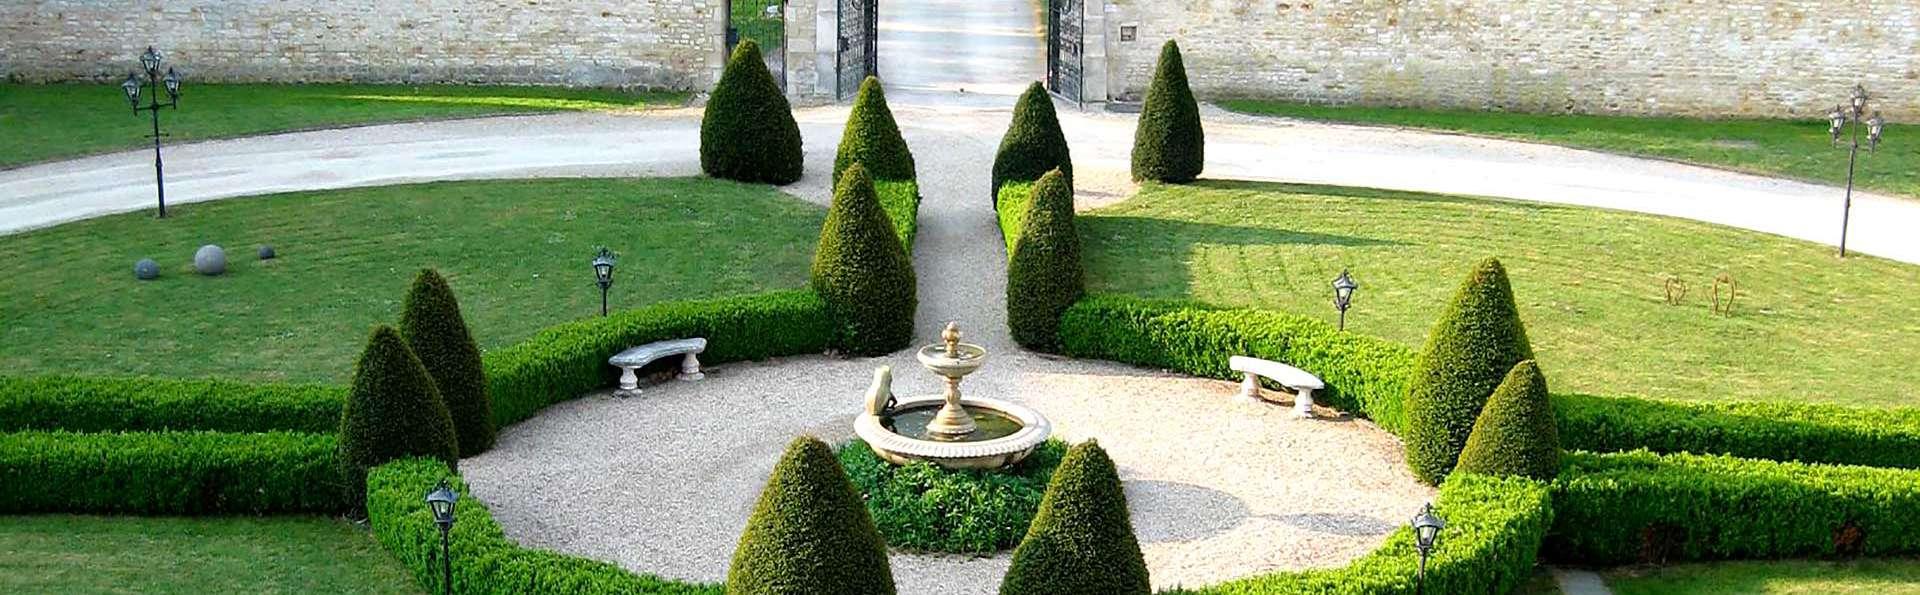 Domaine de Barive - Edit_Garden2.jpg